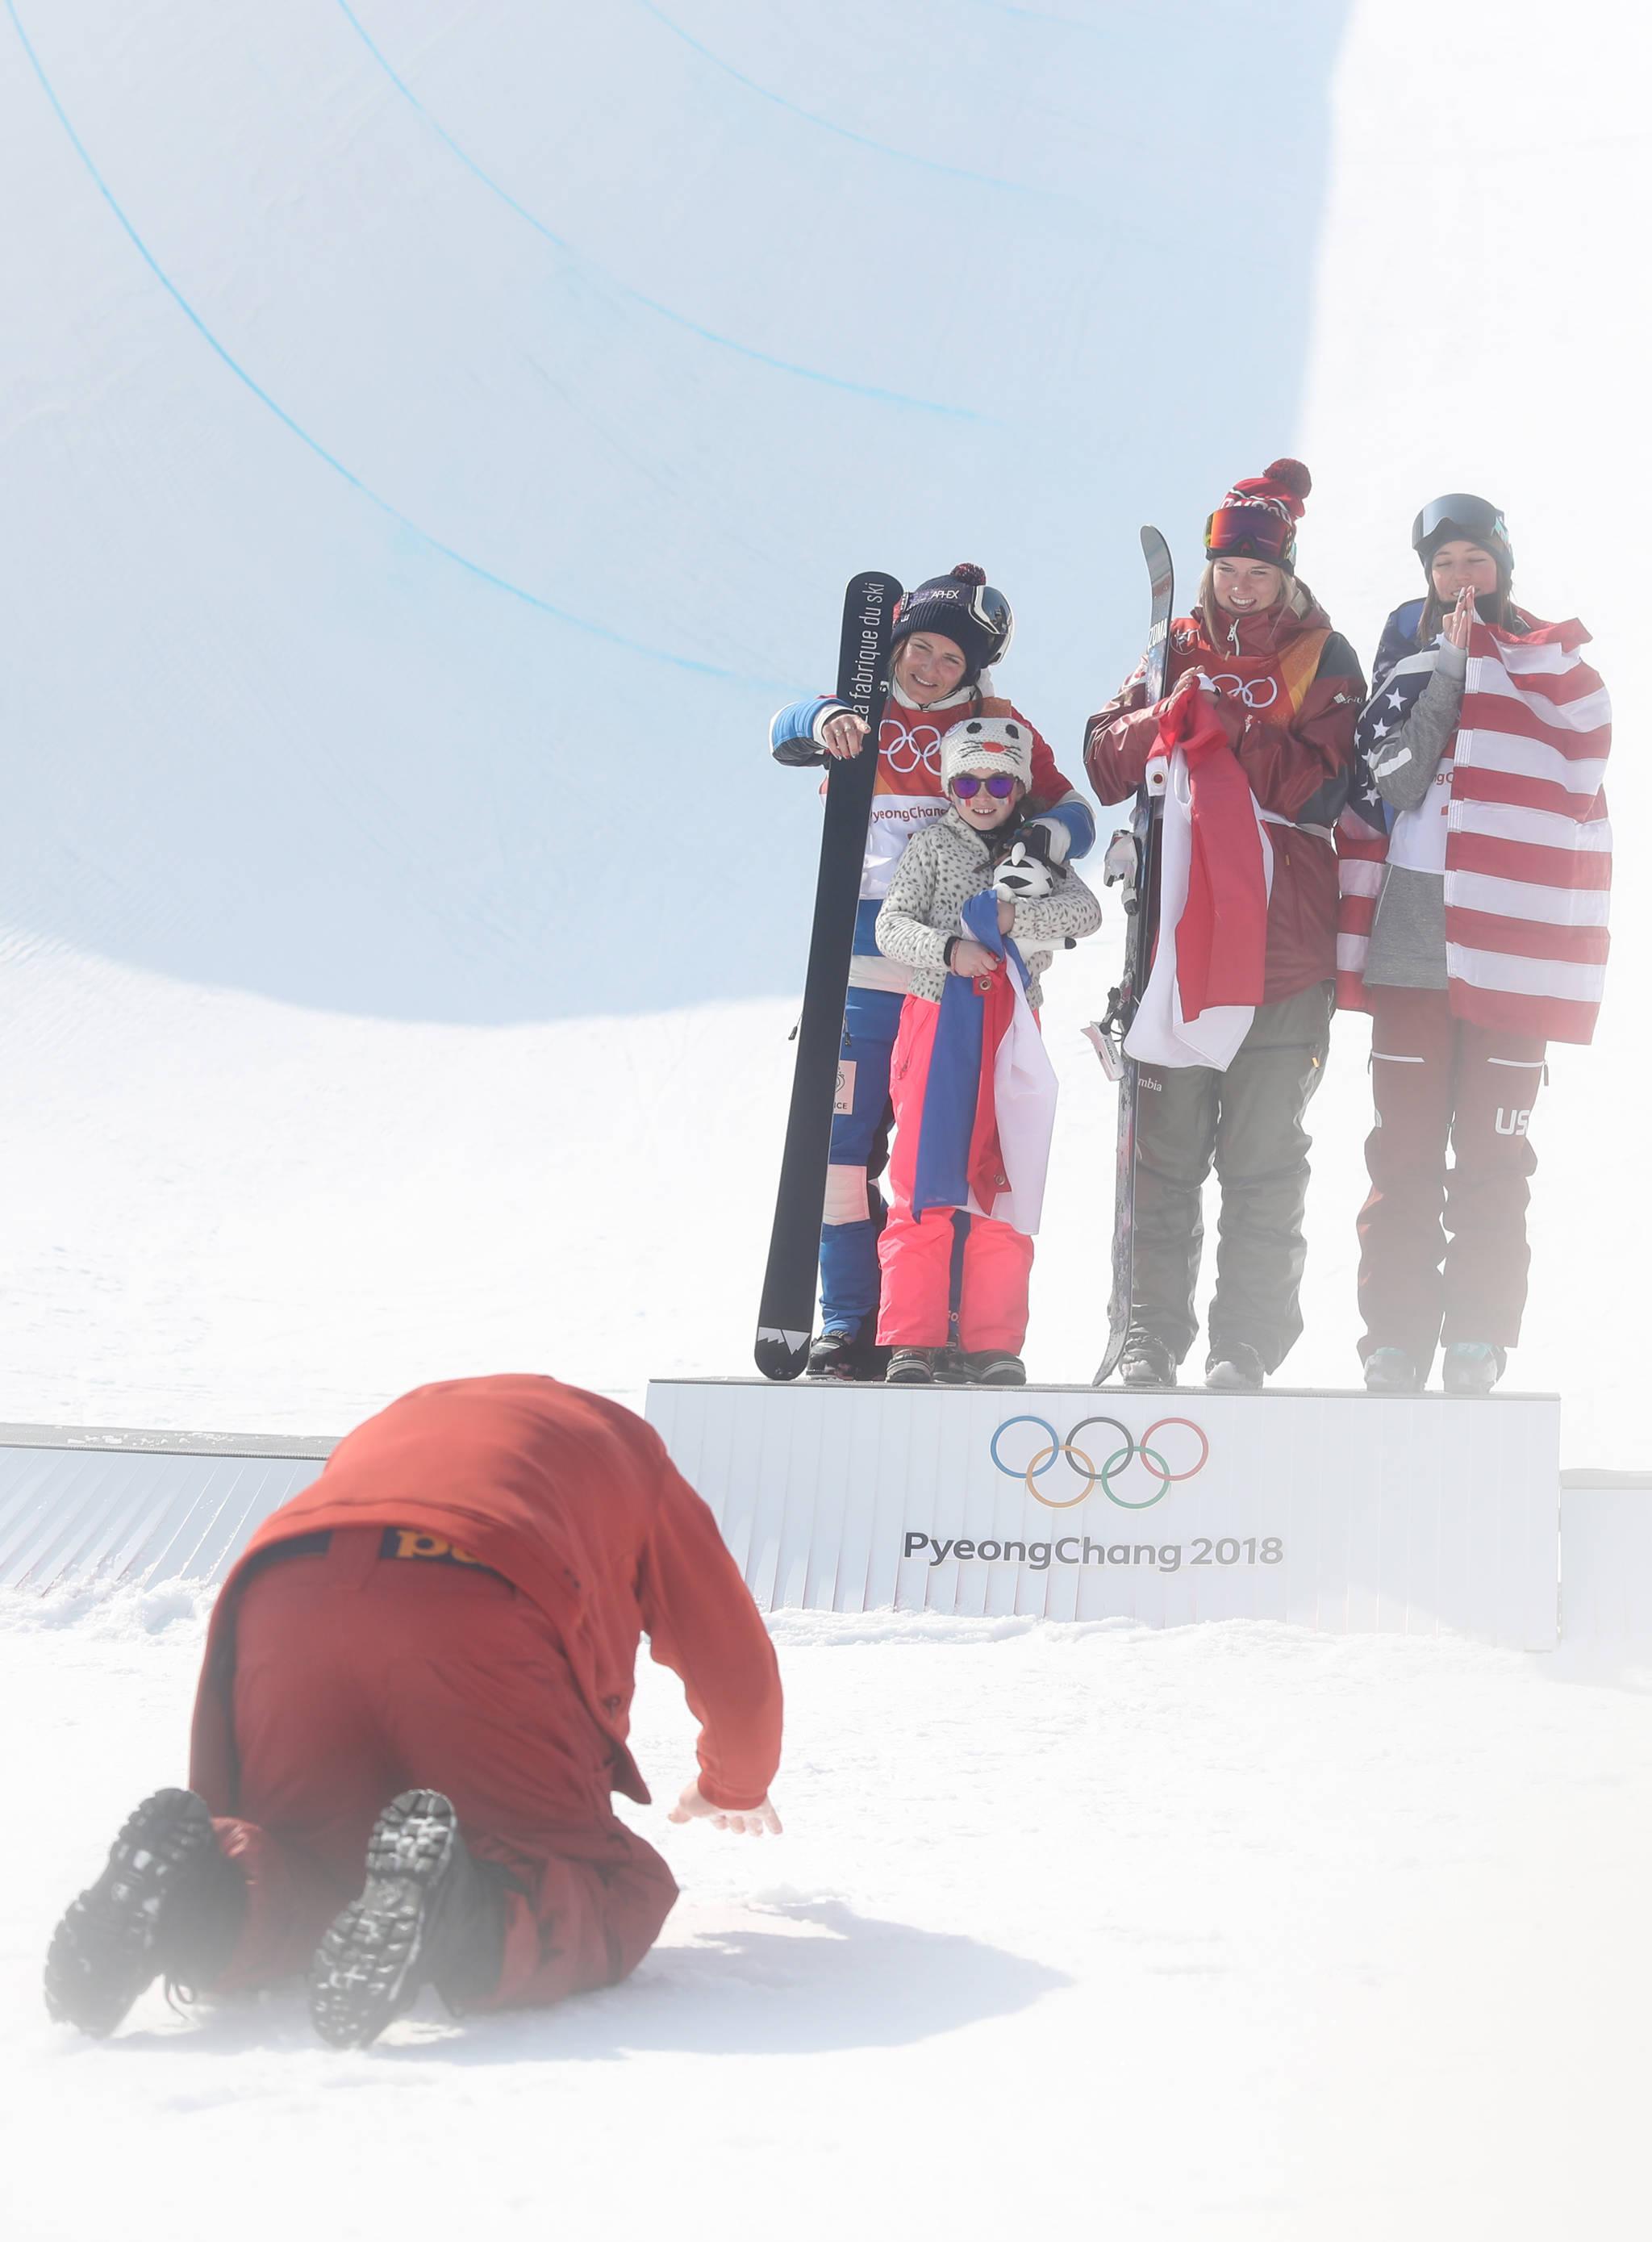 '우리 부인 최고'  20일 강원 평창 휘닉스 스노 경기장에서 열린 2018 평창동계올림픽 여자 스키 하프파이프 결승에서 금메달을 딴 캐나다의 캐시 샤페(가운데), 은메달을 딴 프랑스의 마리 마르티노(왼쪽), 동메달을 딴 미국의 브리타 시고니가 시상대에서 활짝 웃는 동안 마리 마리노의 남편이 절을 하고 있다. 마리 마르티노 오른쪽은 딸이다.